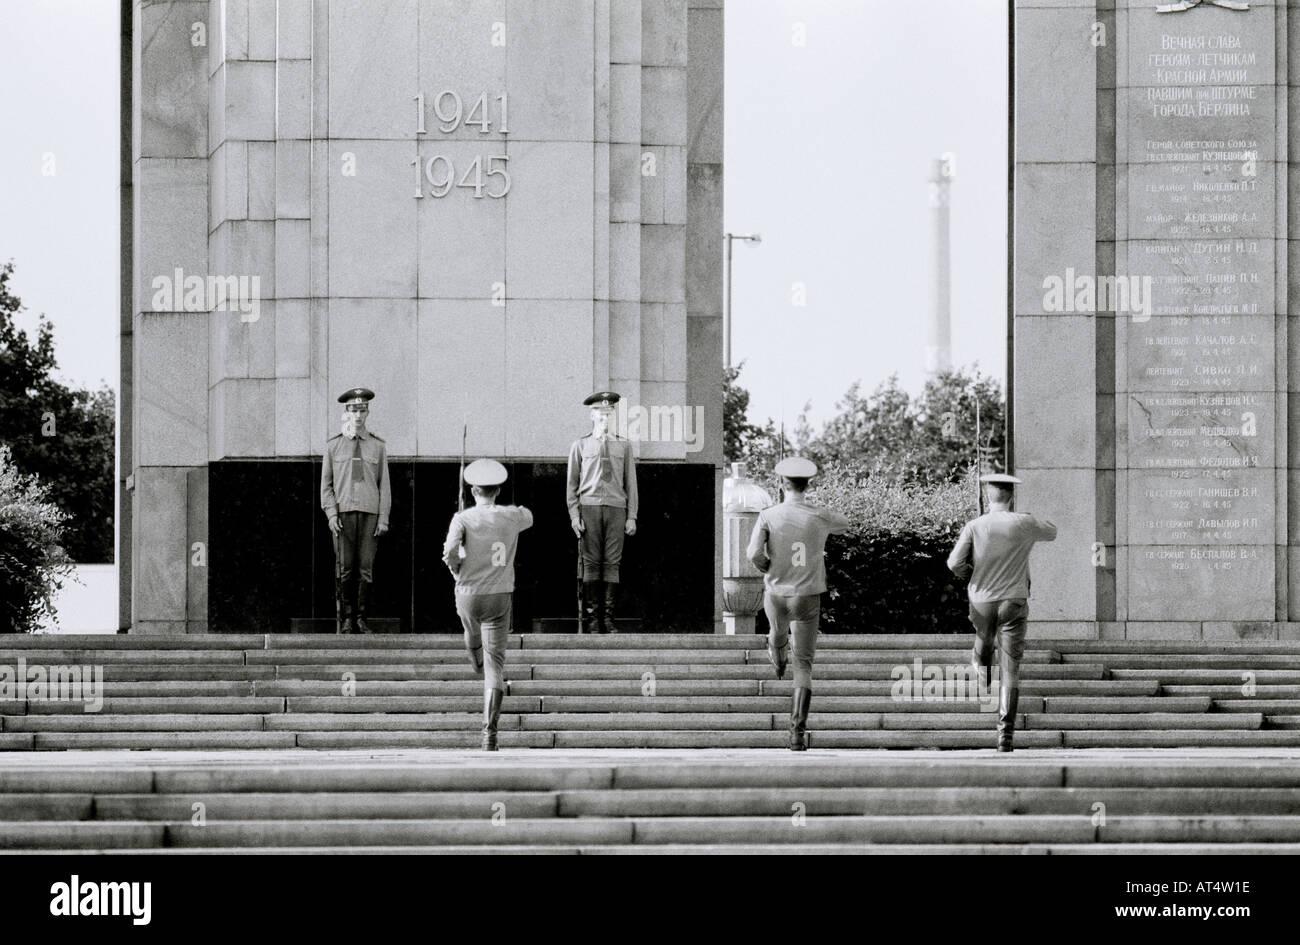 Guerra sovietica Memorial in Tiergarten vicino alla Porta di Brandeburgo nella guerra fredda a Berlino Ovest in Germania in Europa. Storia soldato Storico Vita di guardia Travel Immagini Stock